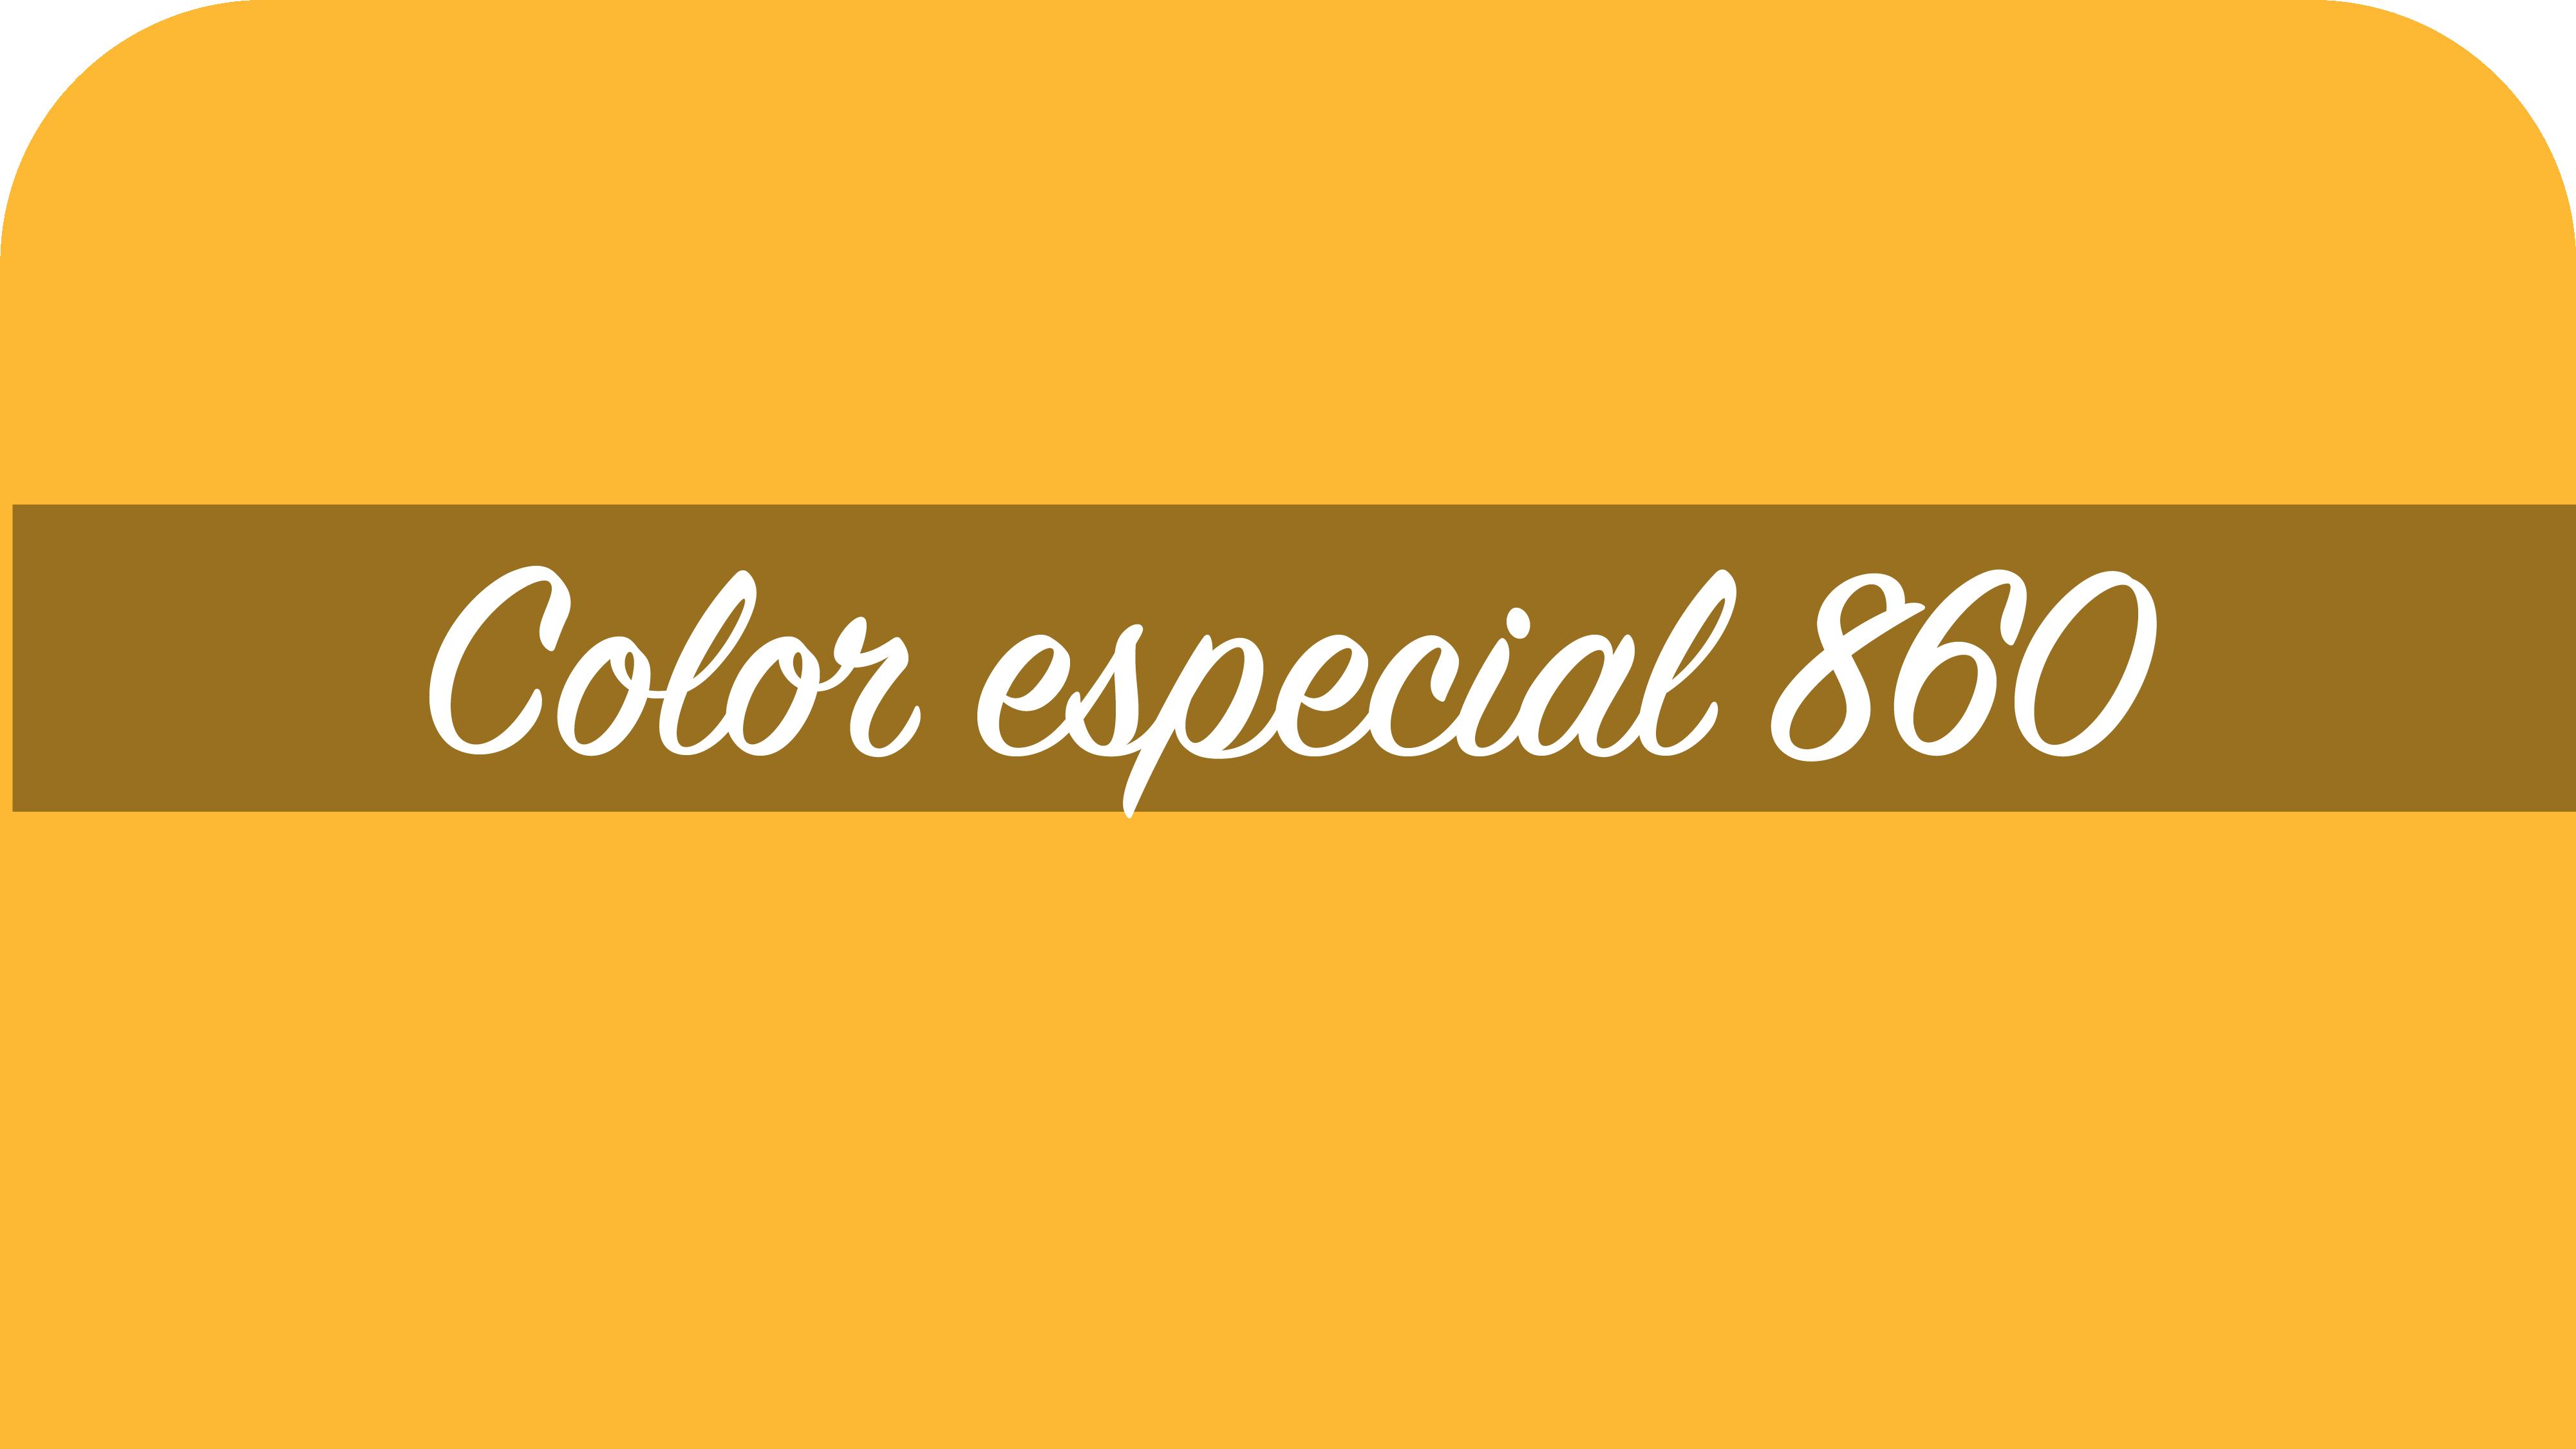 color-especial-860